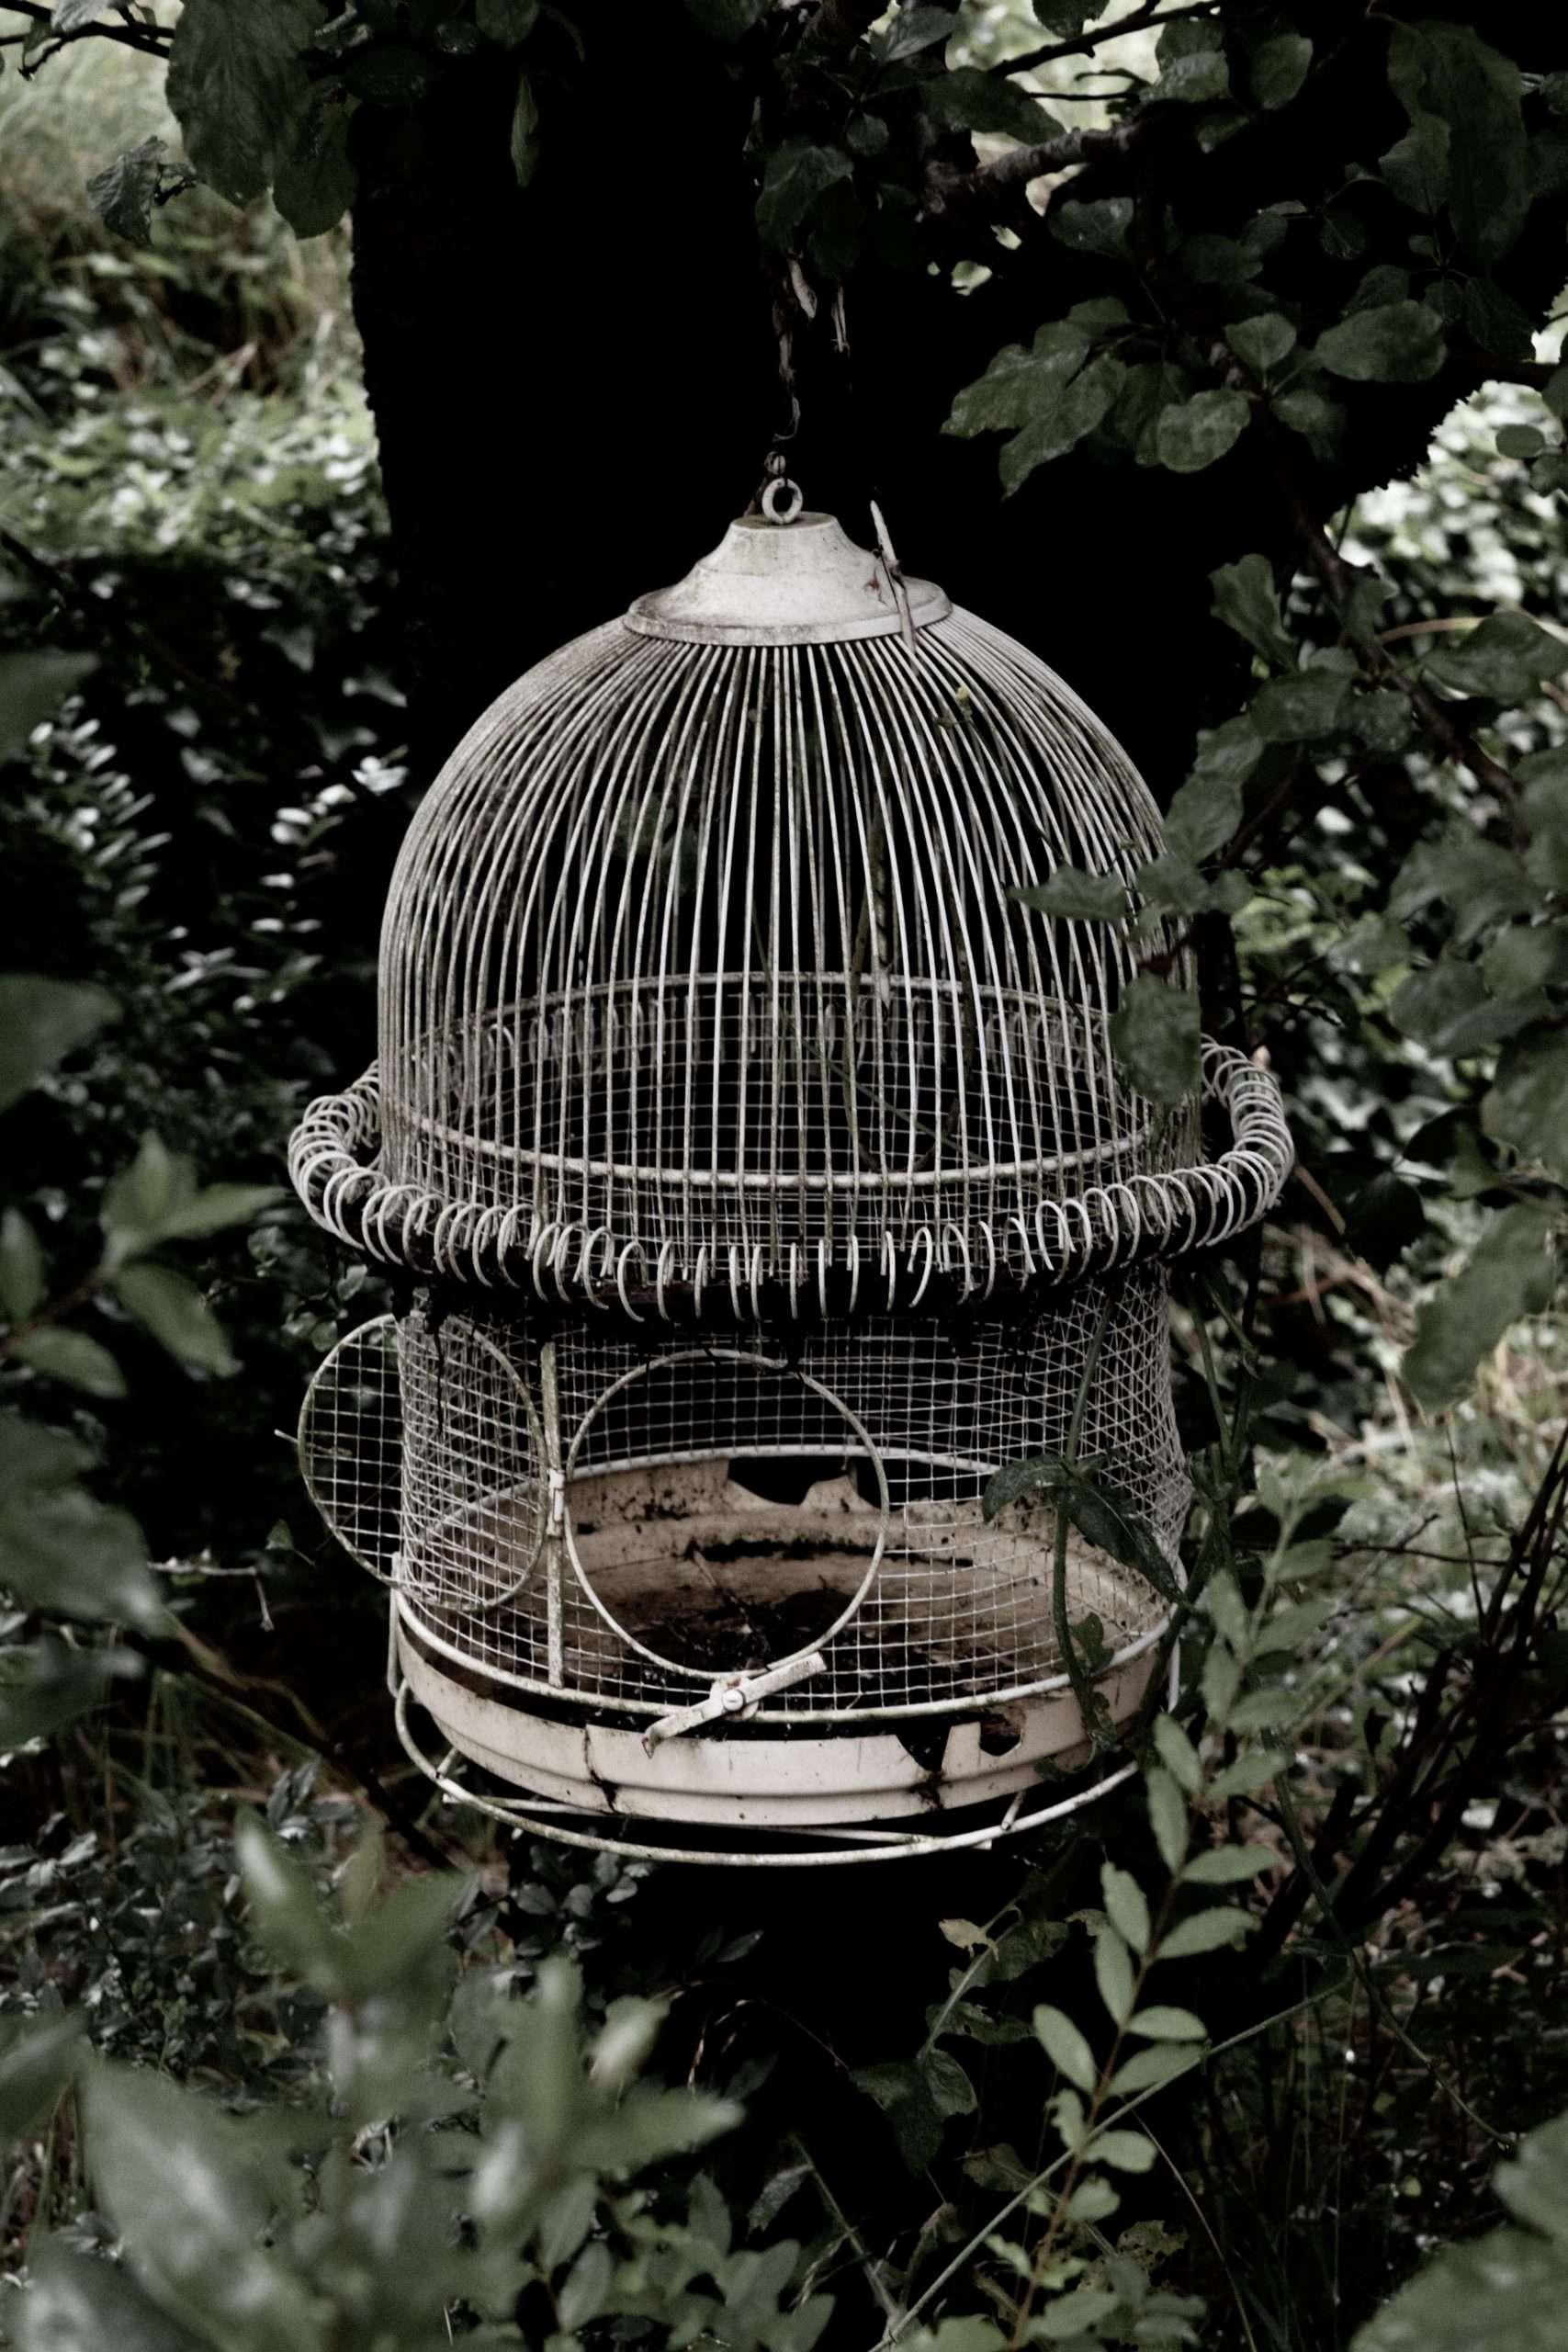 una gabbietta per uccelli vuota, con la porticina aperta